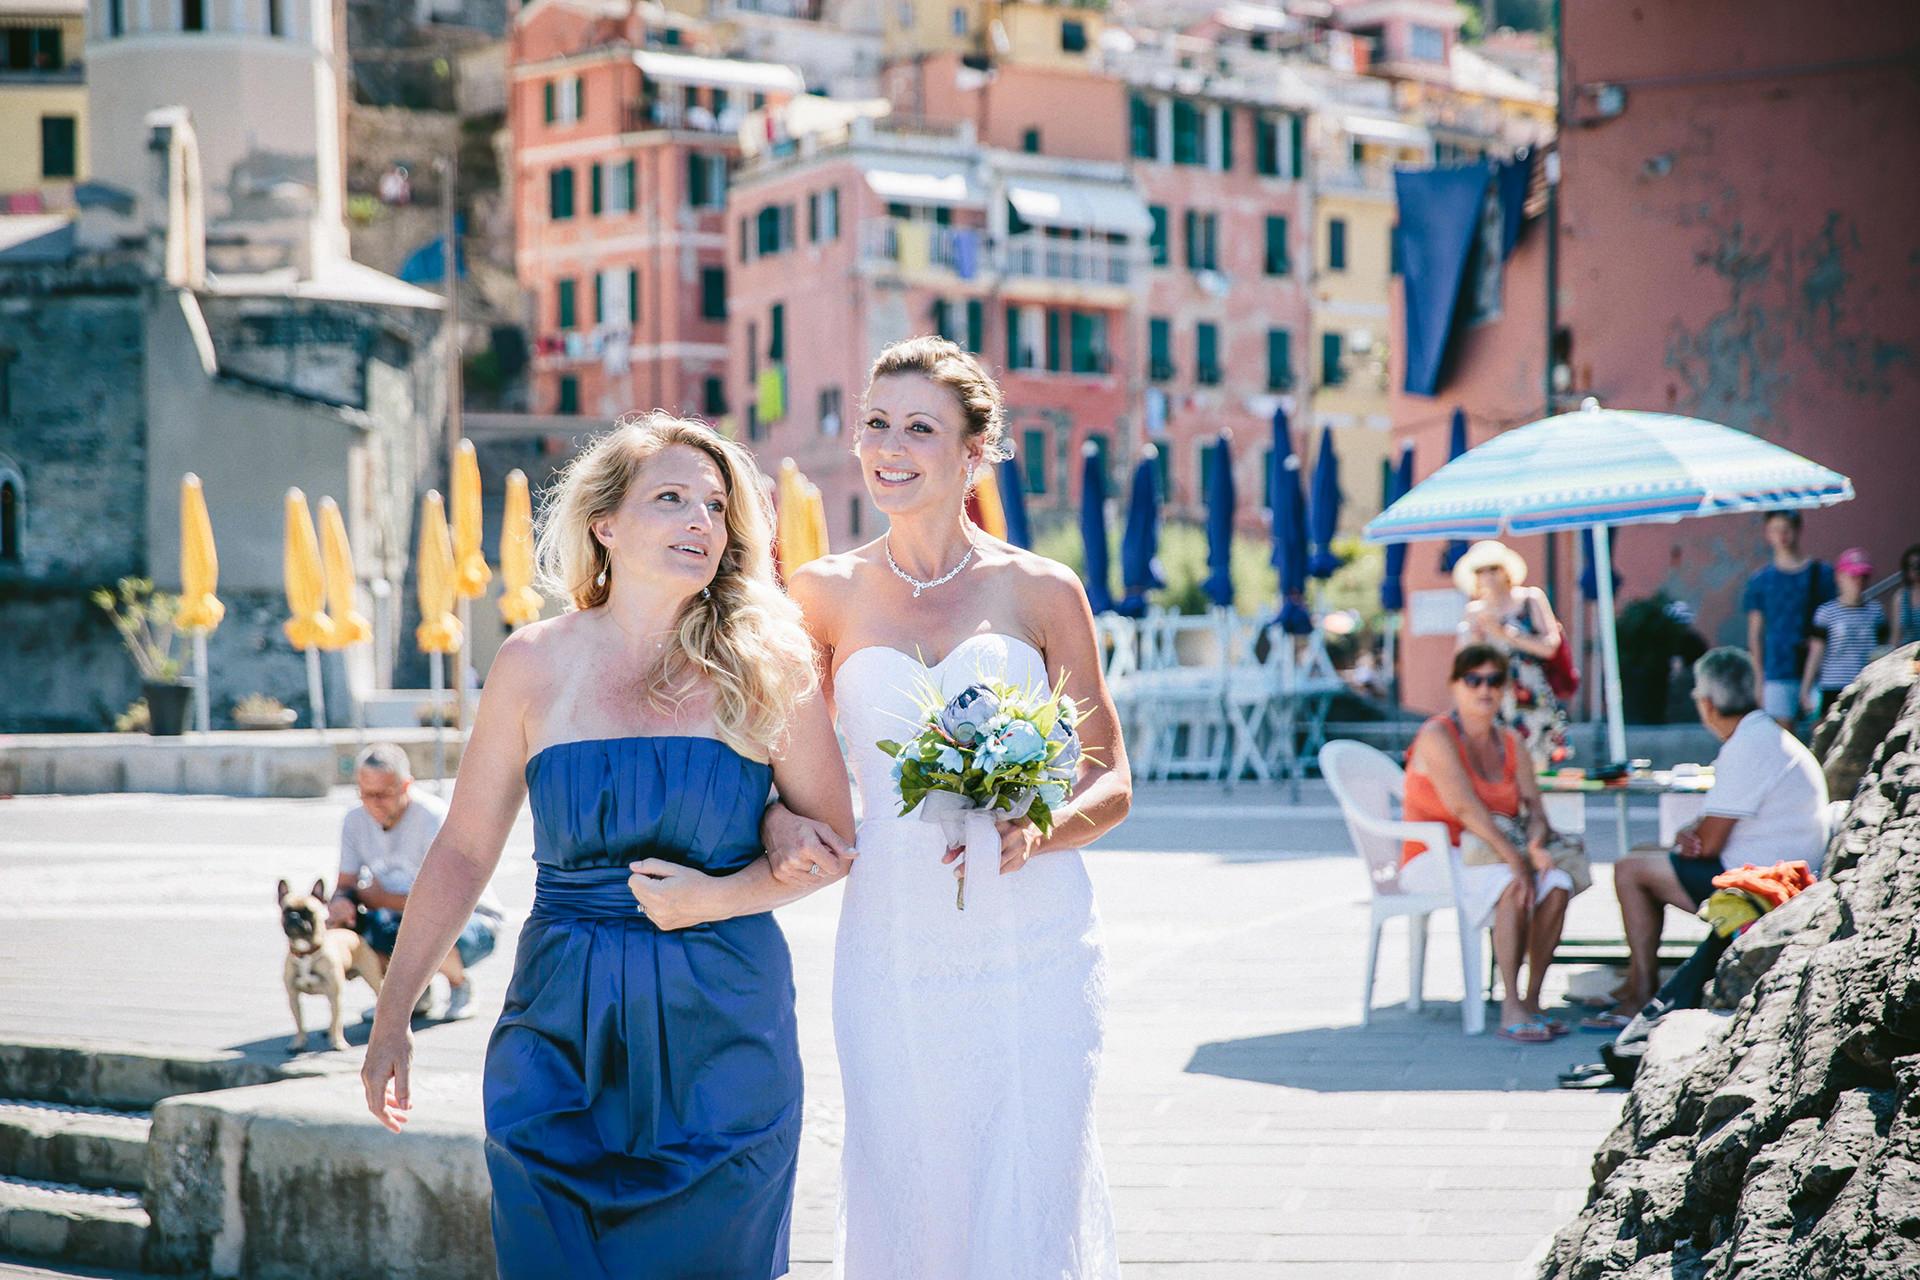 Image de mariage de petit village d'Italie - Vernazza Elopements | La mariée et la demoiselle d'honneur sont arrivées sur le lieu de la cérémonie